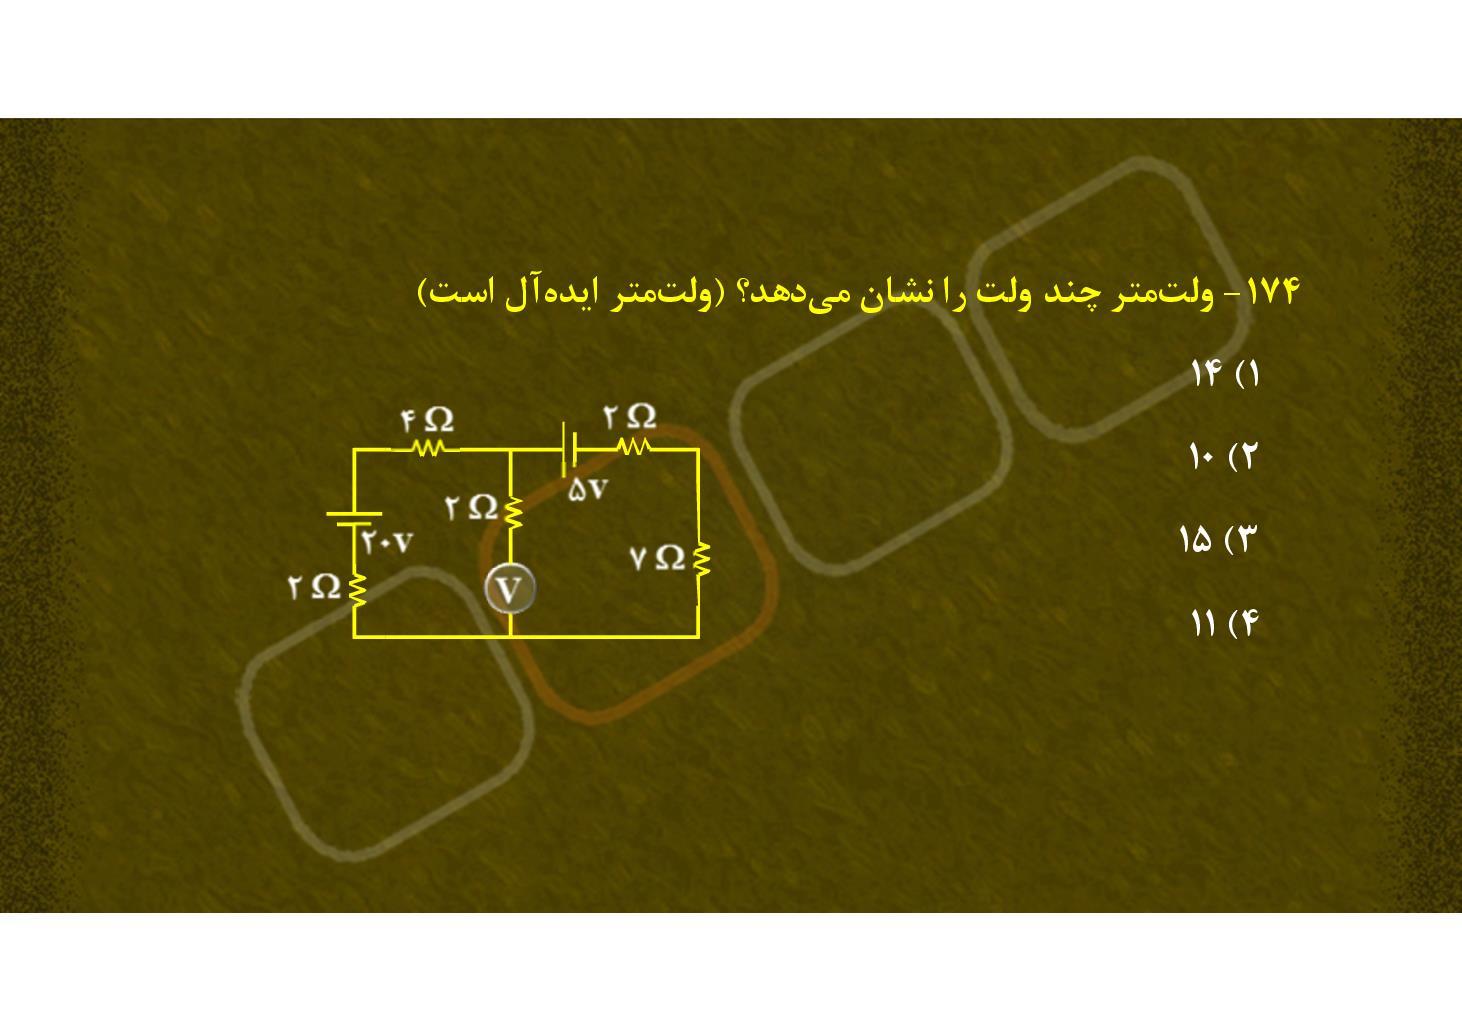 یافتن اختلاف پتانسیل بین دو نقطه از مدار (PDF)